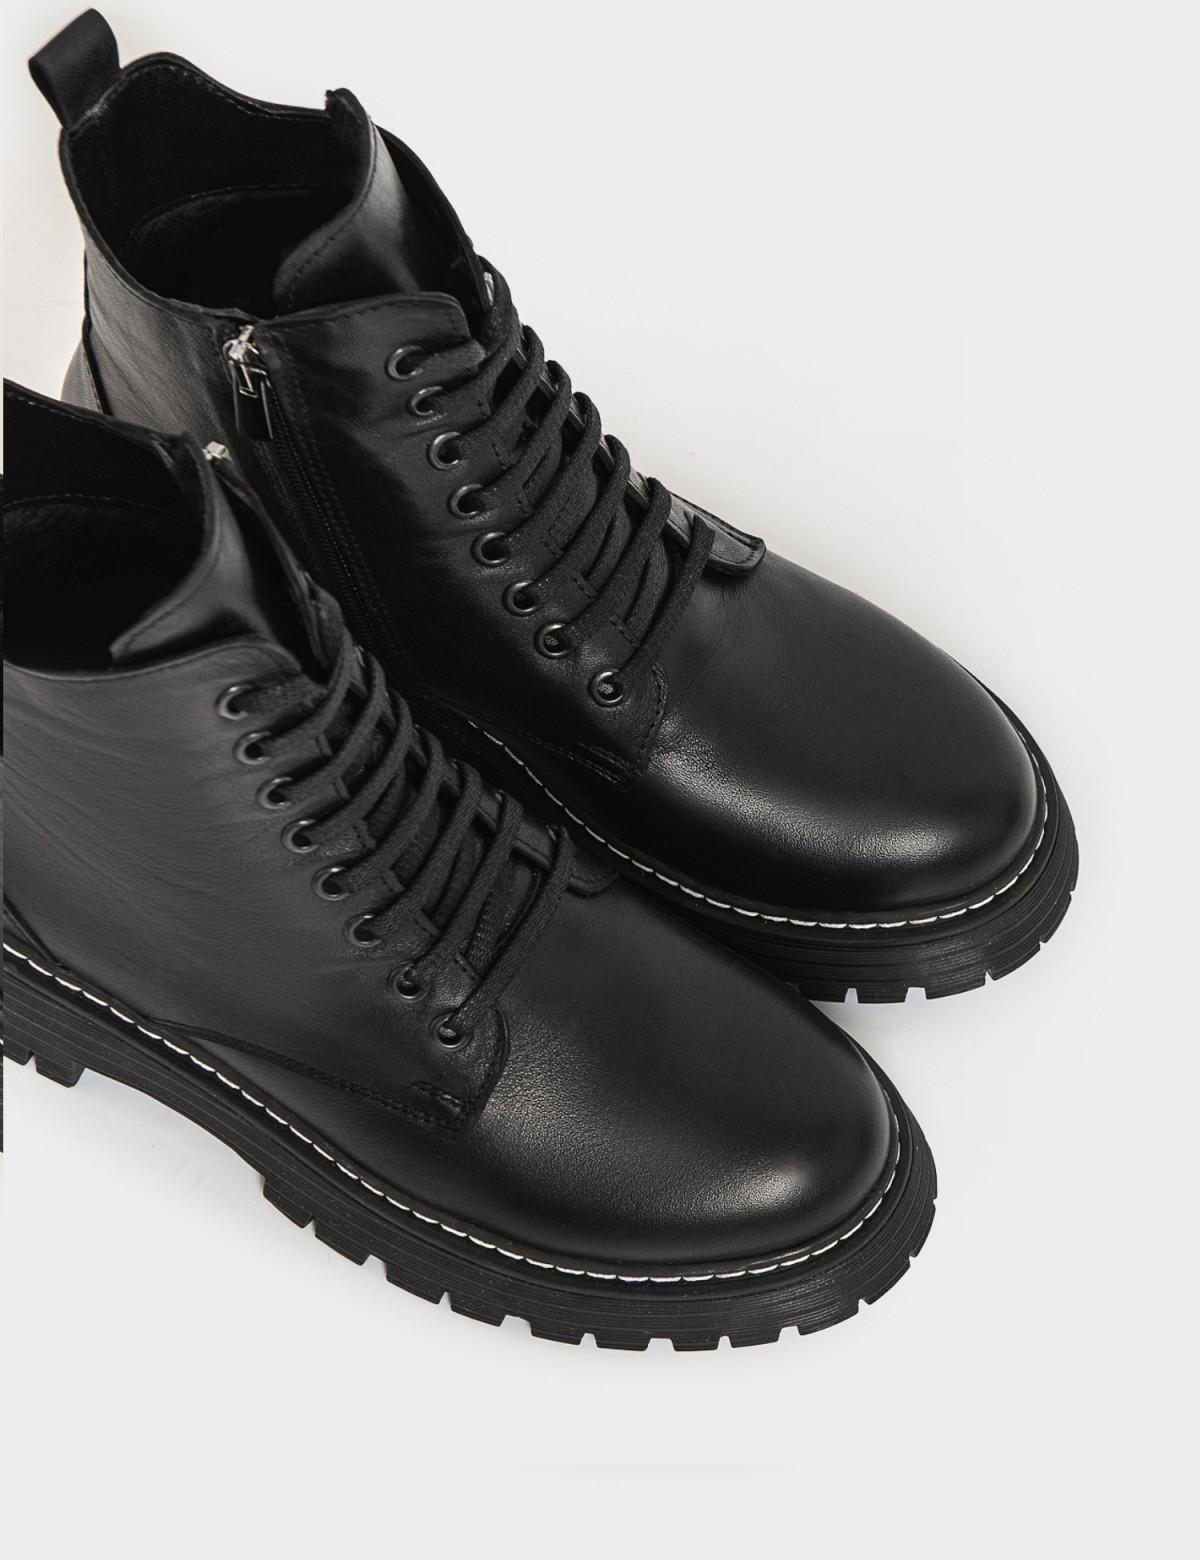 Ботинки черные. Натуральная кожа. Мех3